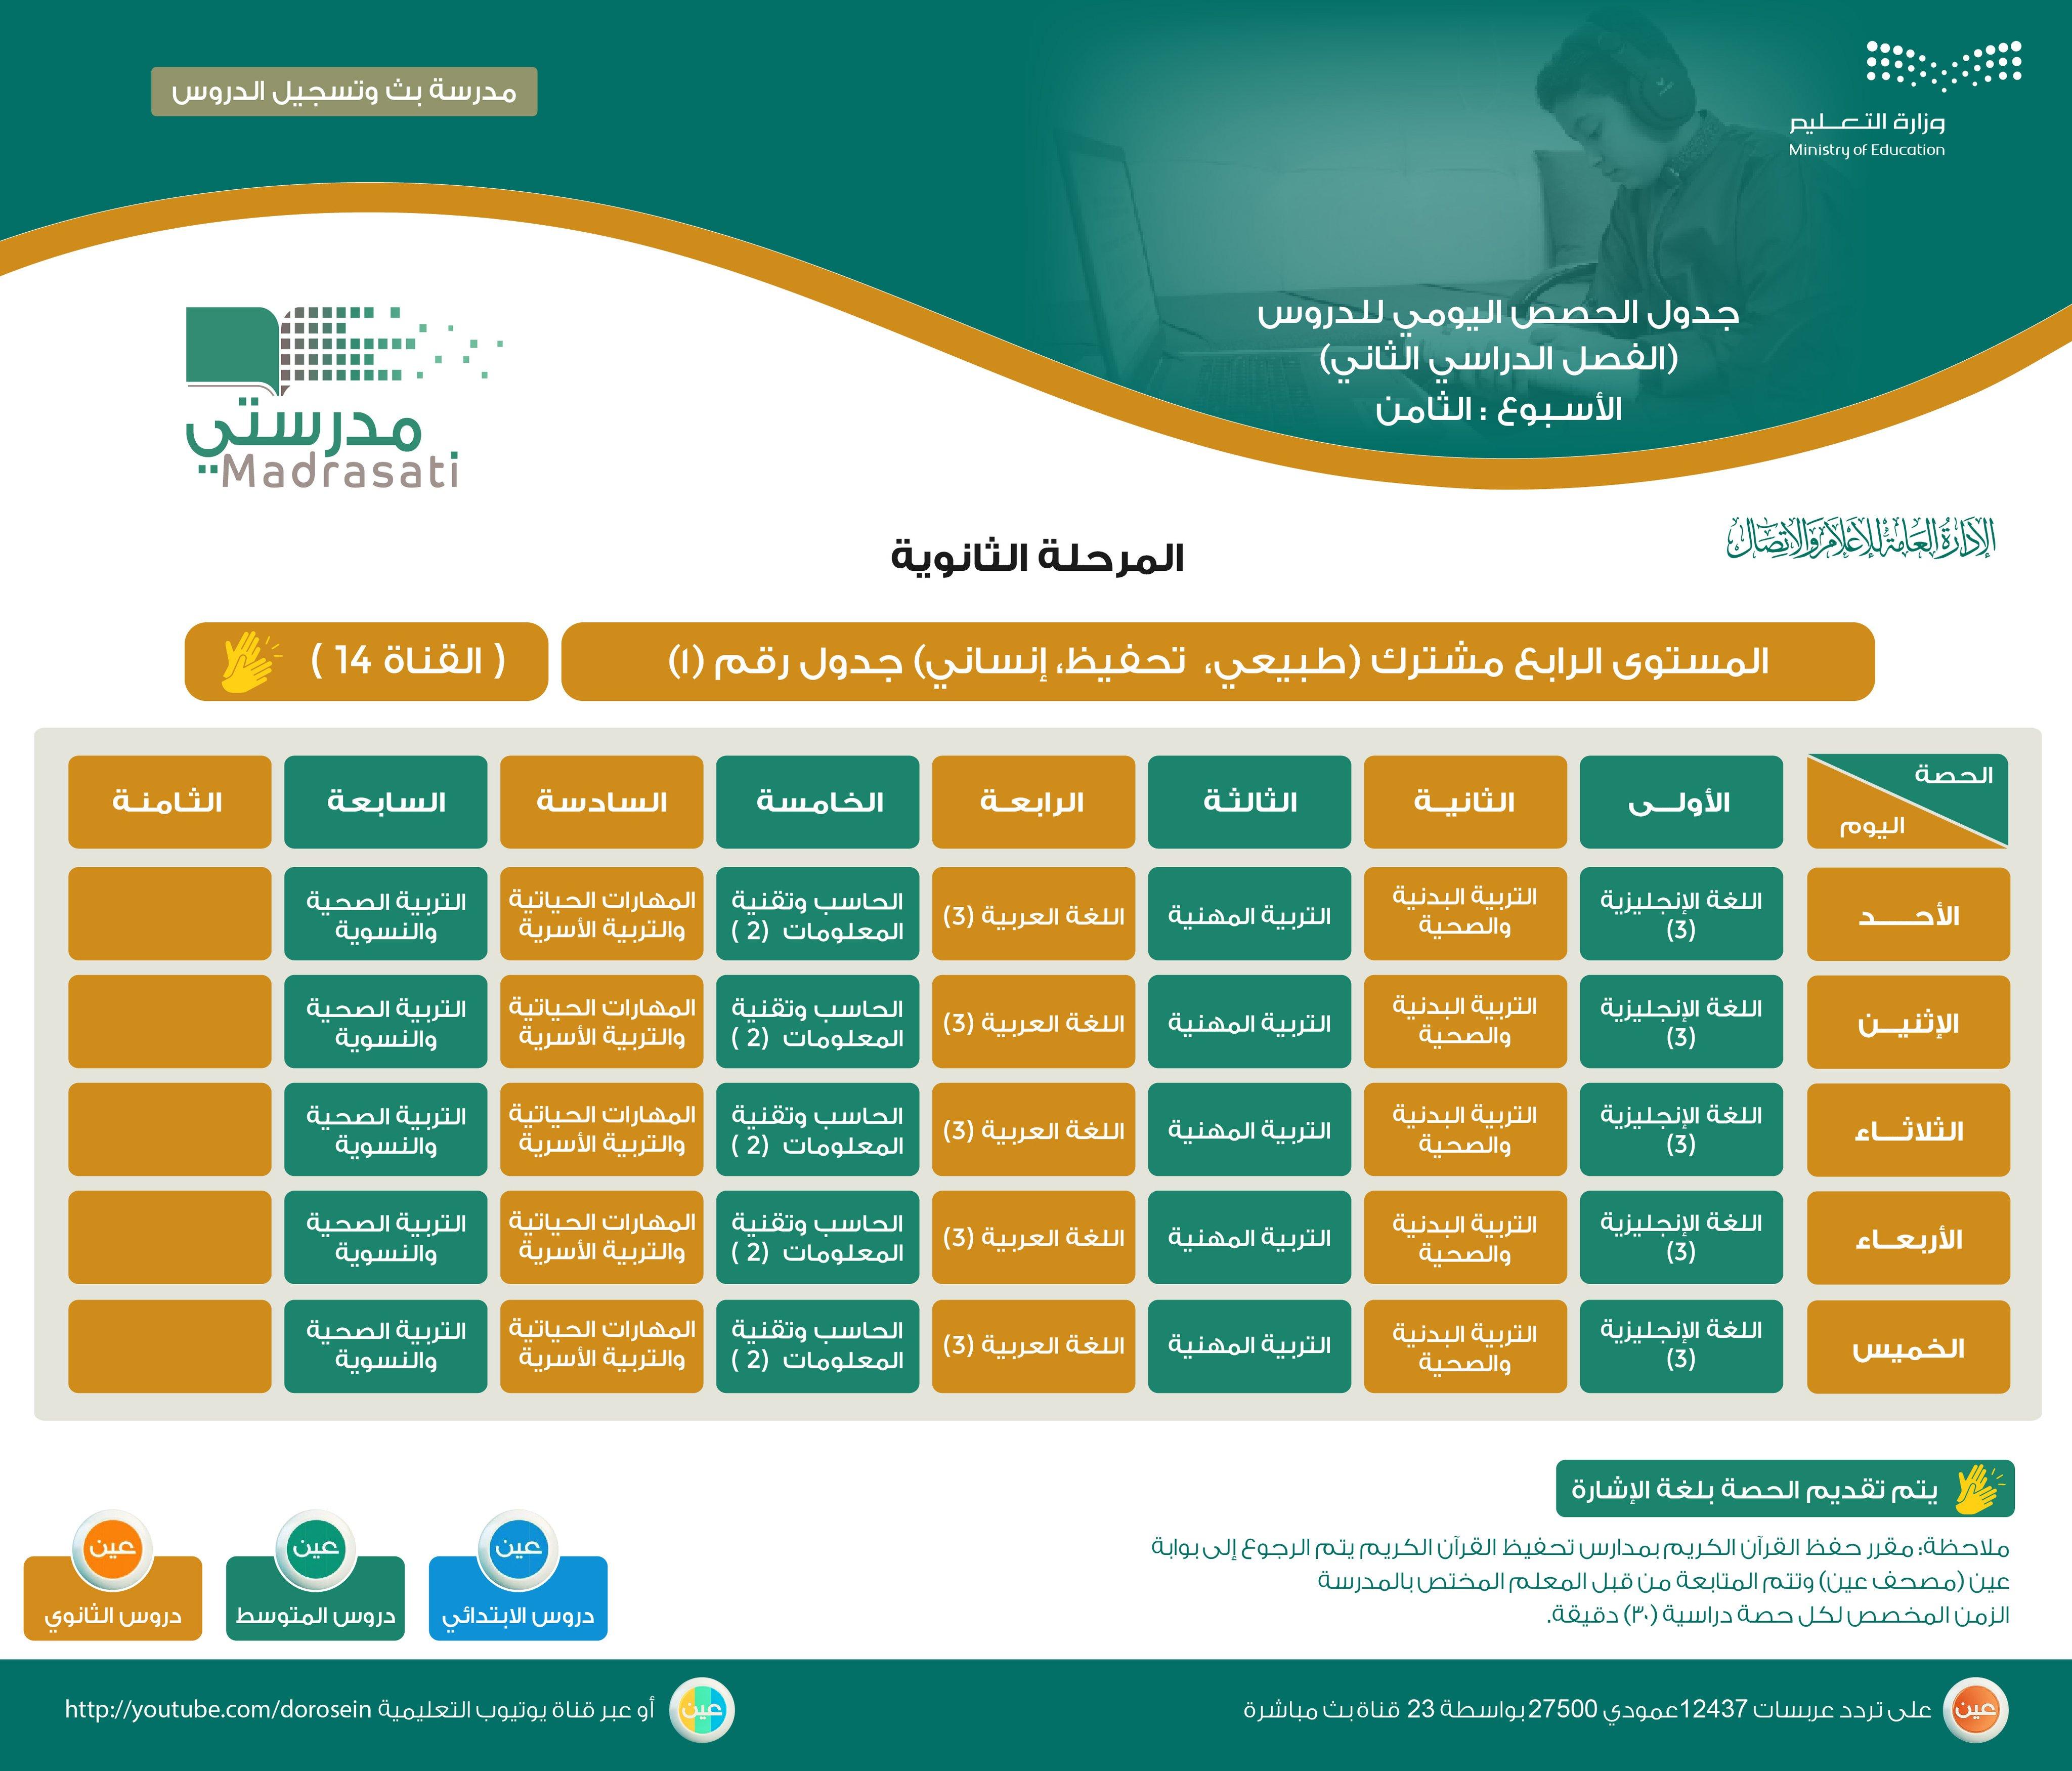 جدول المستوى الرابع مشترك (طبيعي، تحفيظ، إنساني)